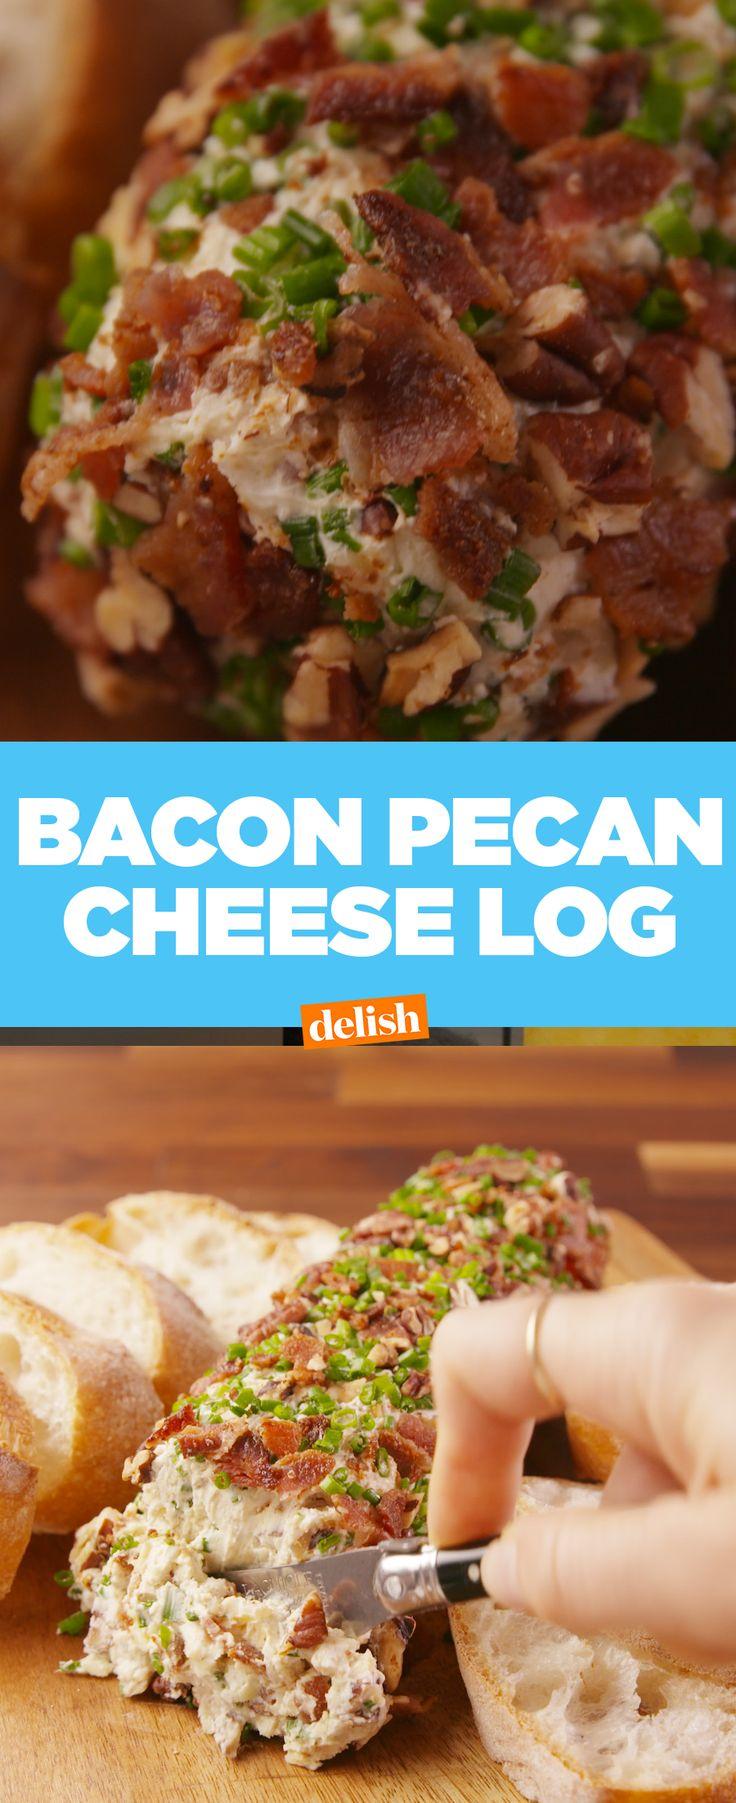 Bacon Pecan Cheese Log